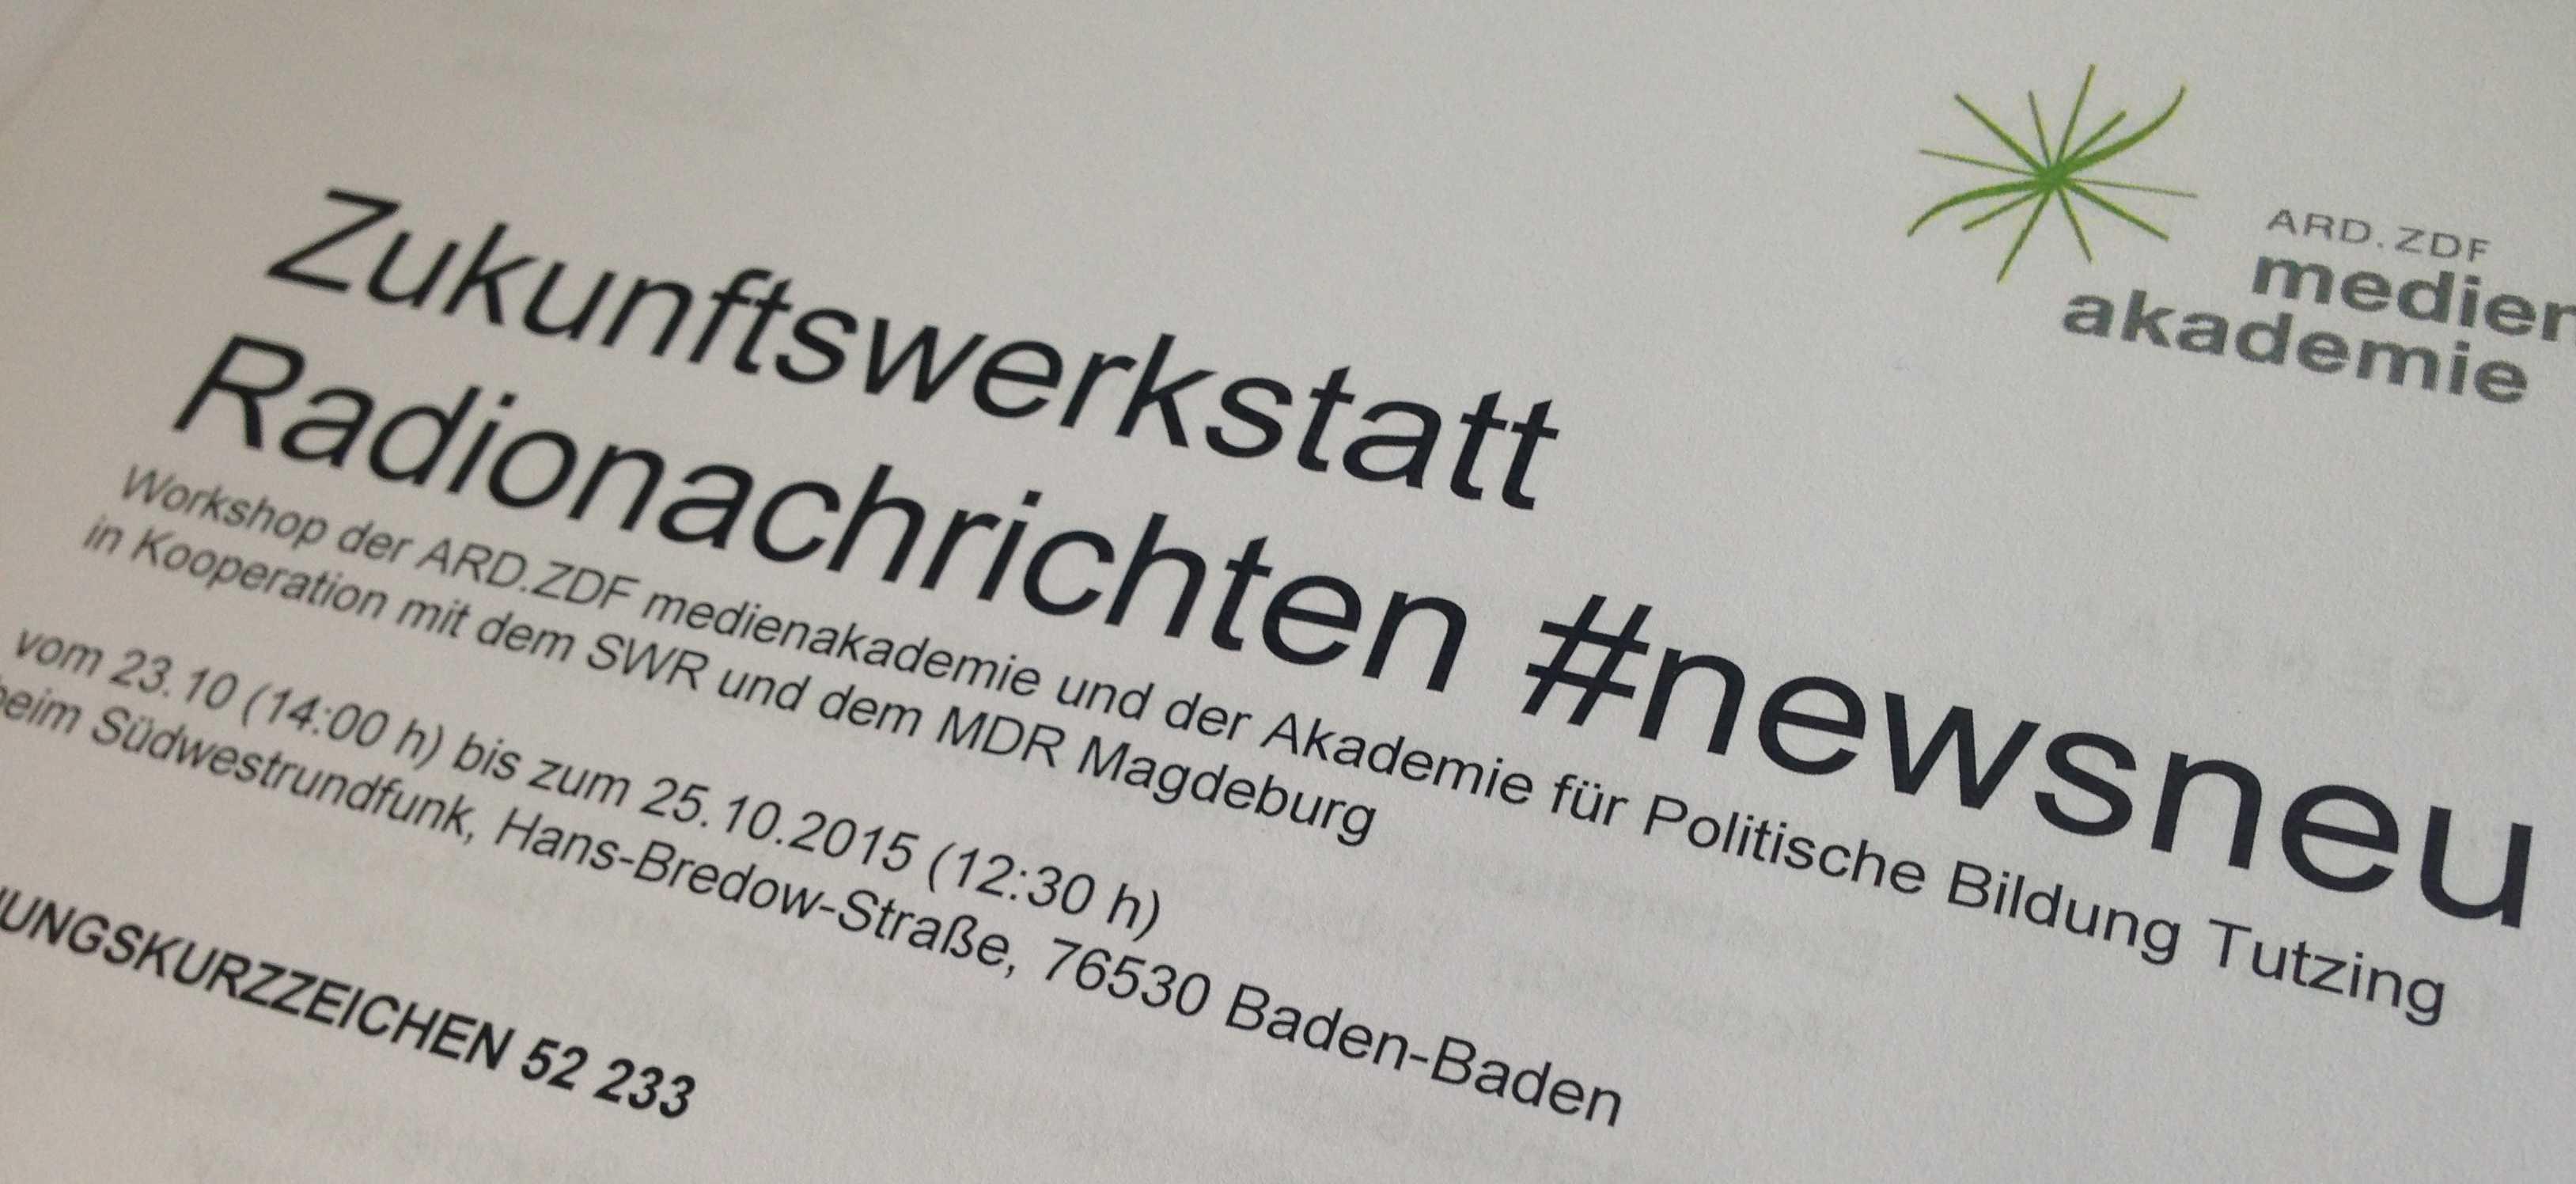 IMG_1388 Zukunftswerkstatt schmal